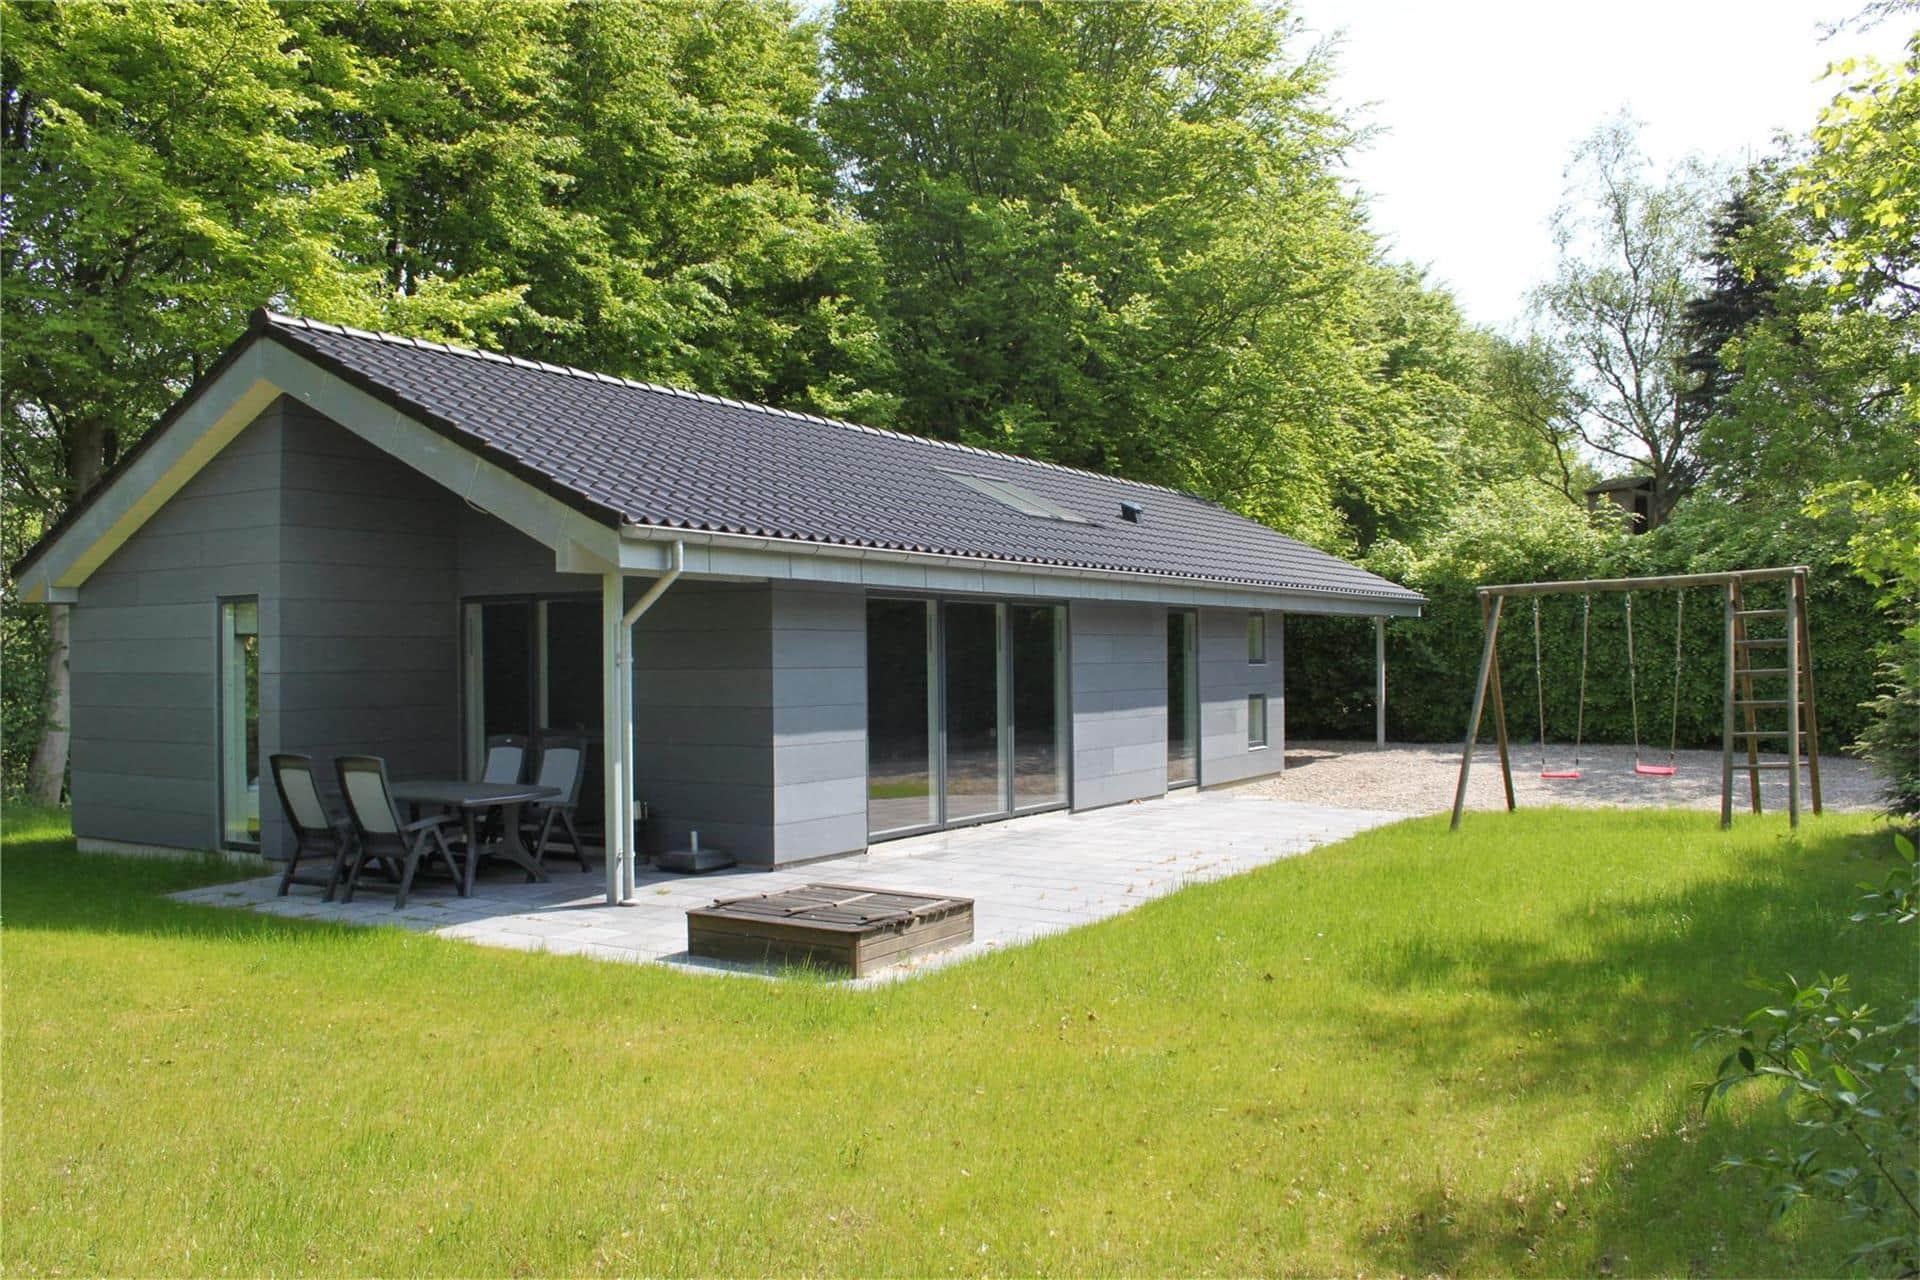 Billede 1-3 Sommerhus M642775, Brovejen 396, DK - 5500 Middelfart